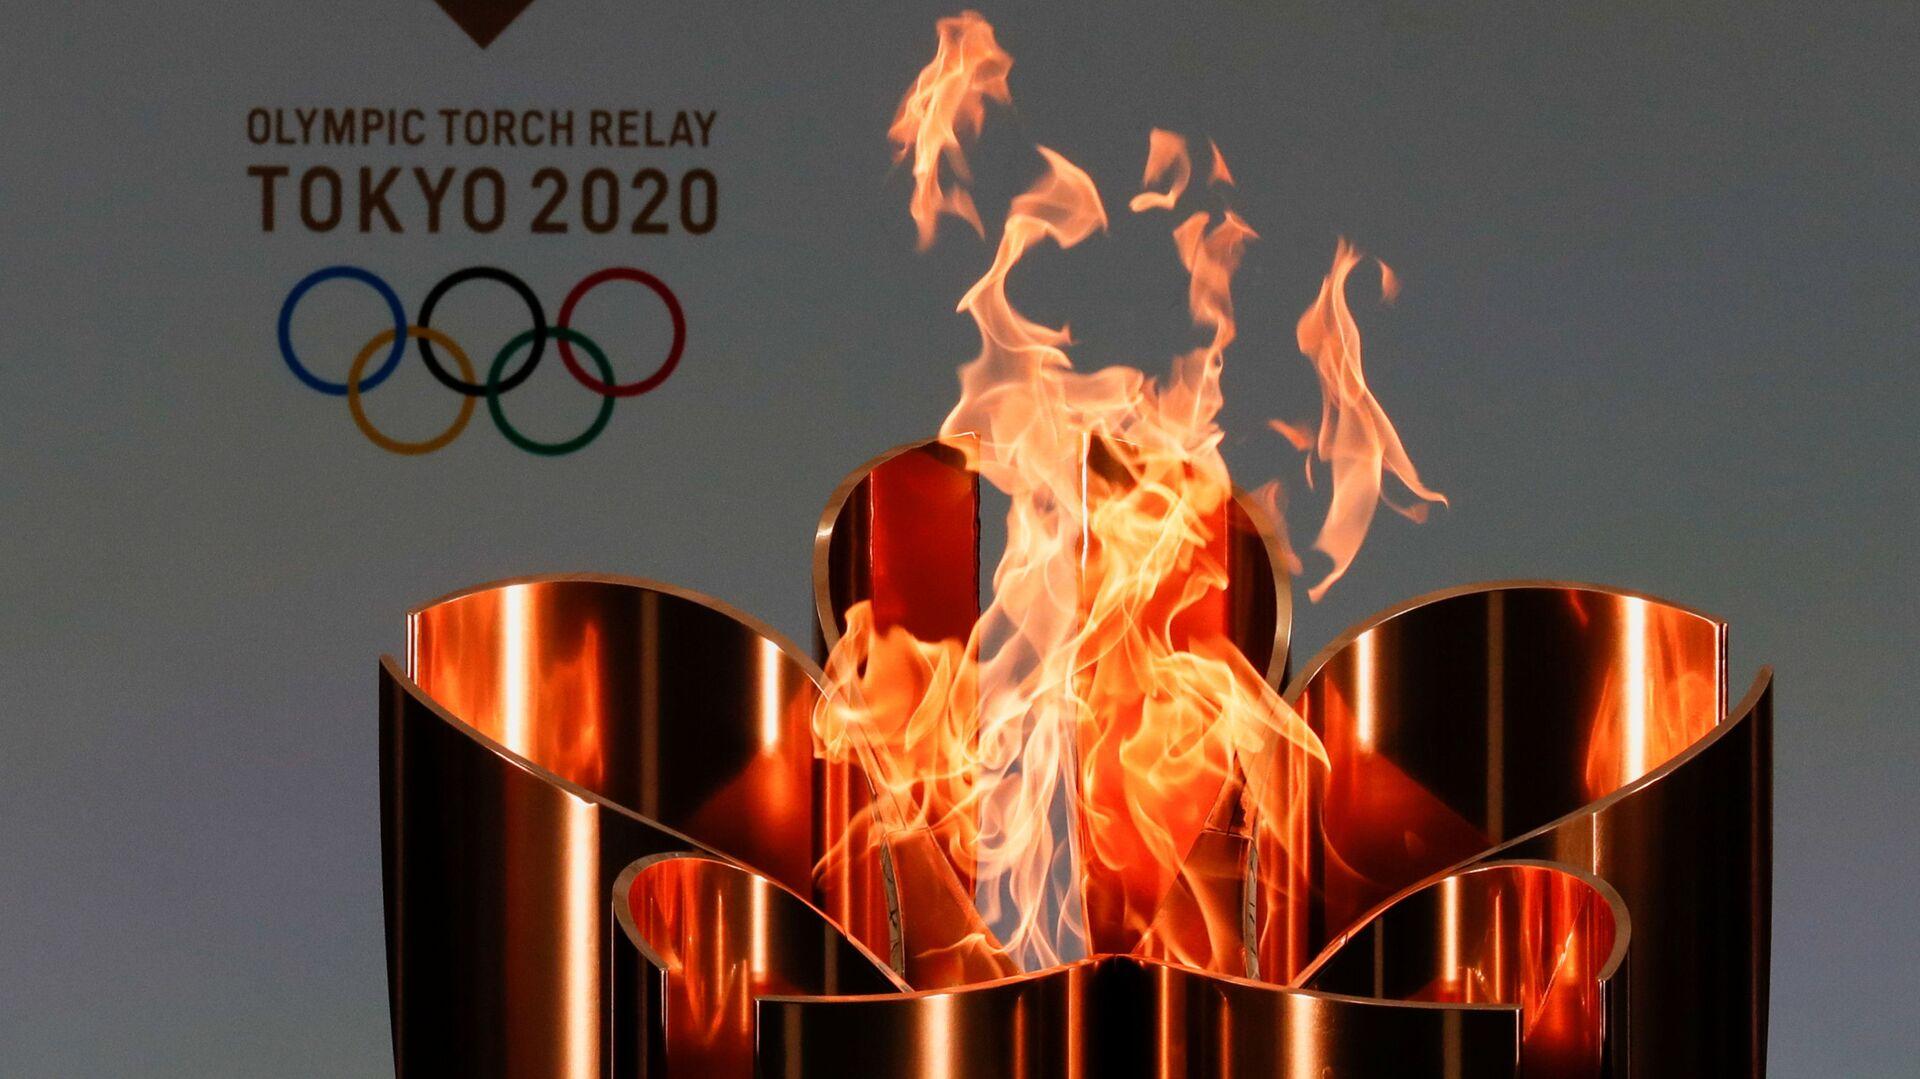 Олимпийский огонь в Токио - Sputnik Беларусь, 1920, 06.04.2021